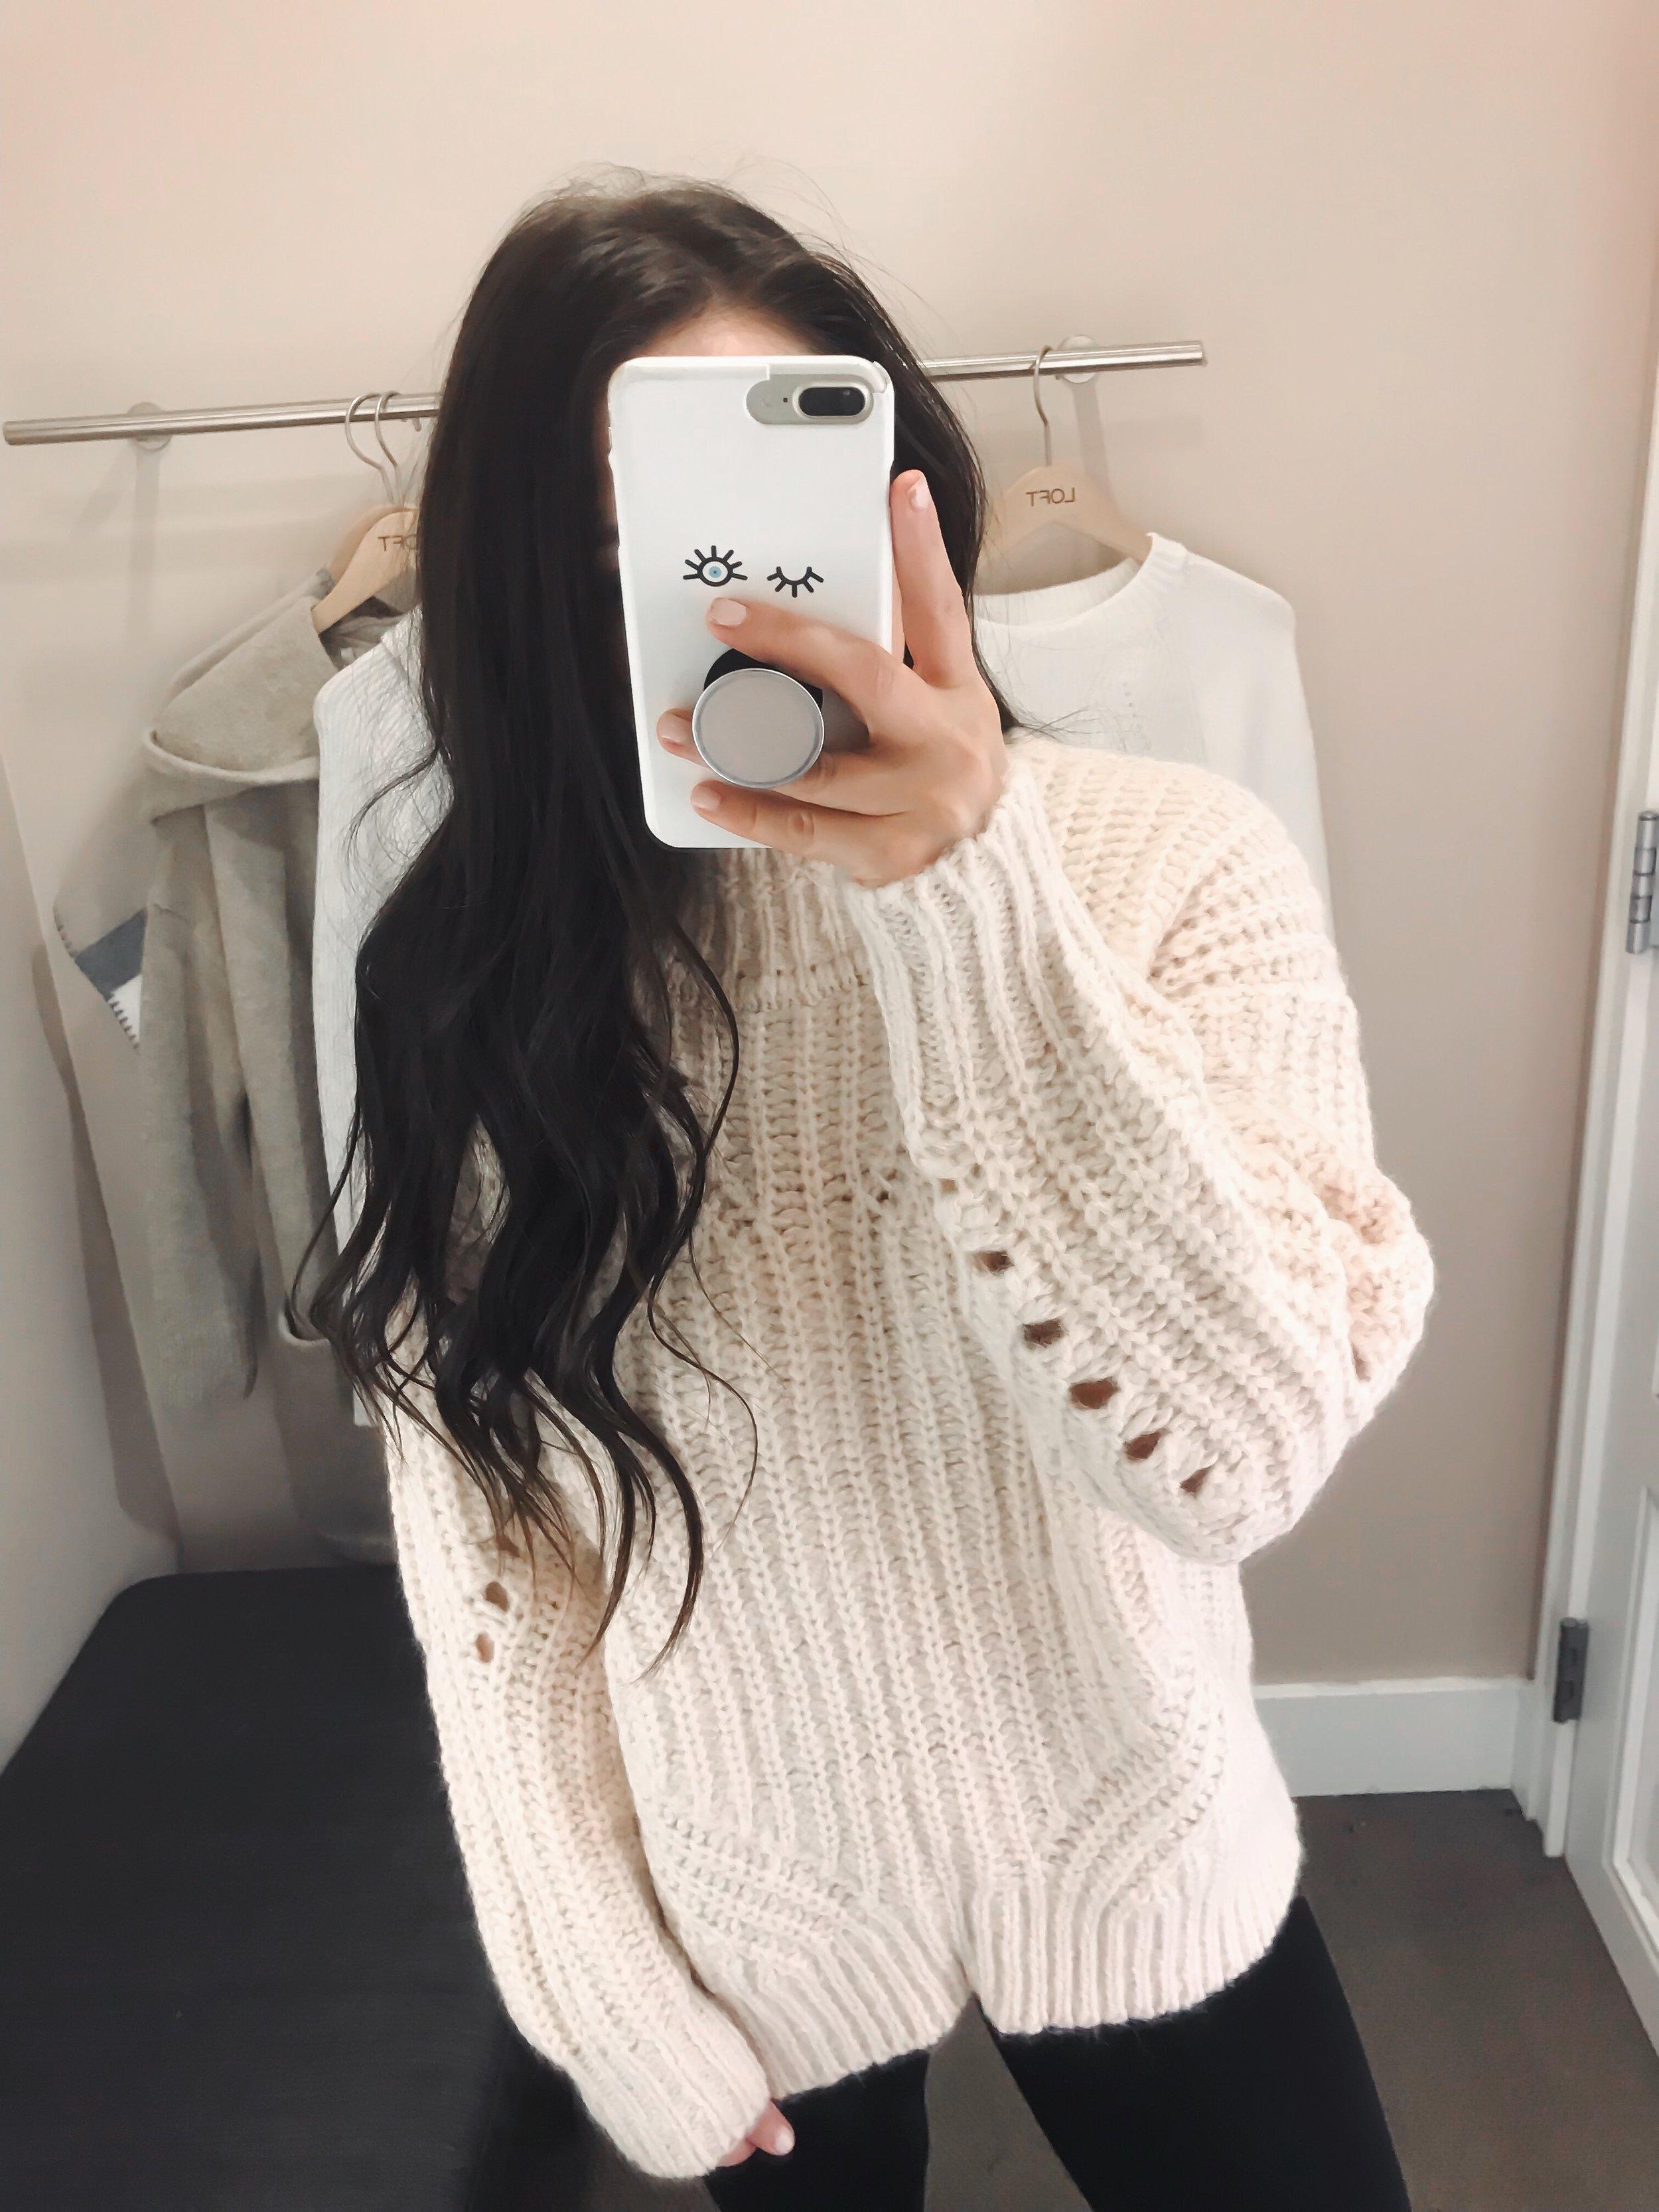 The Best Black Friday Sales of 2018 | Pine Barren Beauty | loft sale, loft try on, cozy sweater